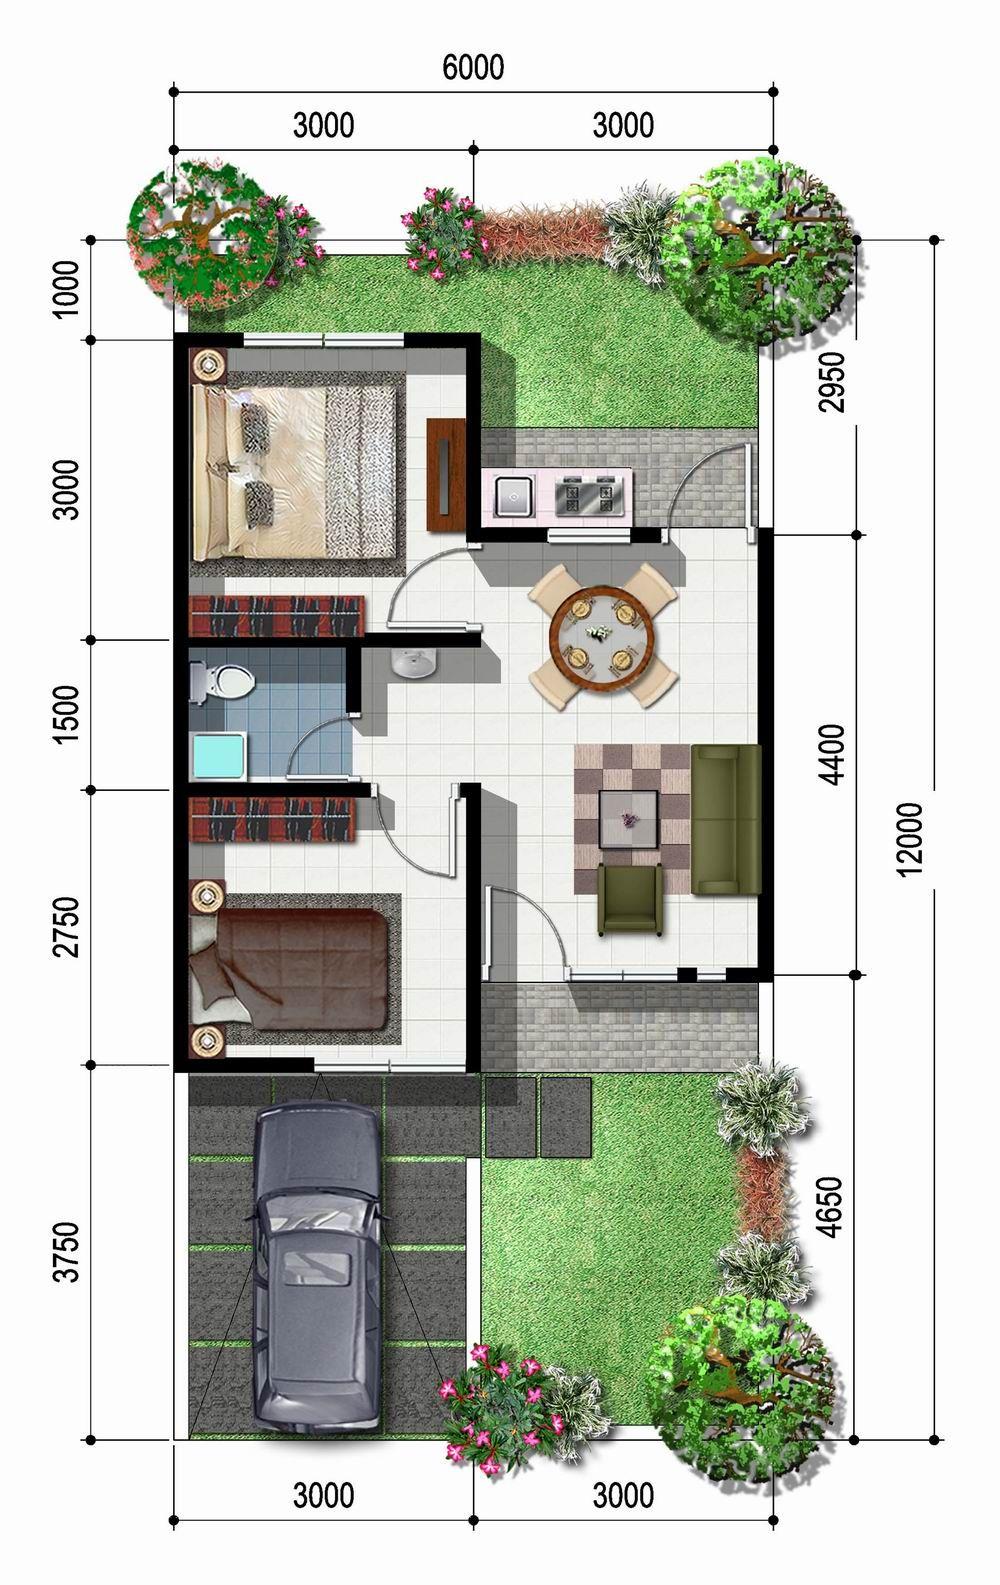 Desain Interior Rumah Minimalis Tipe 45 Denah Rumah Desain Rumah Kecil Desain Rumah